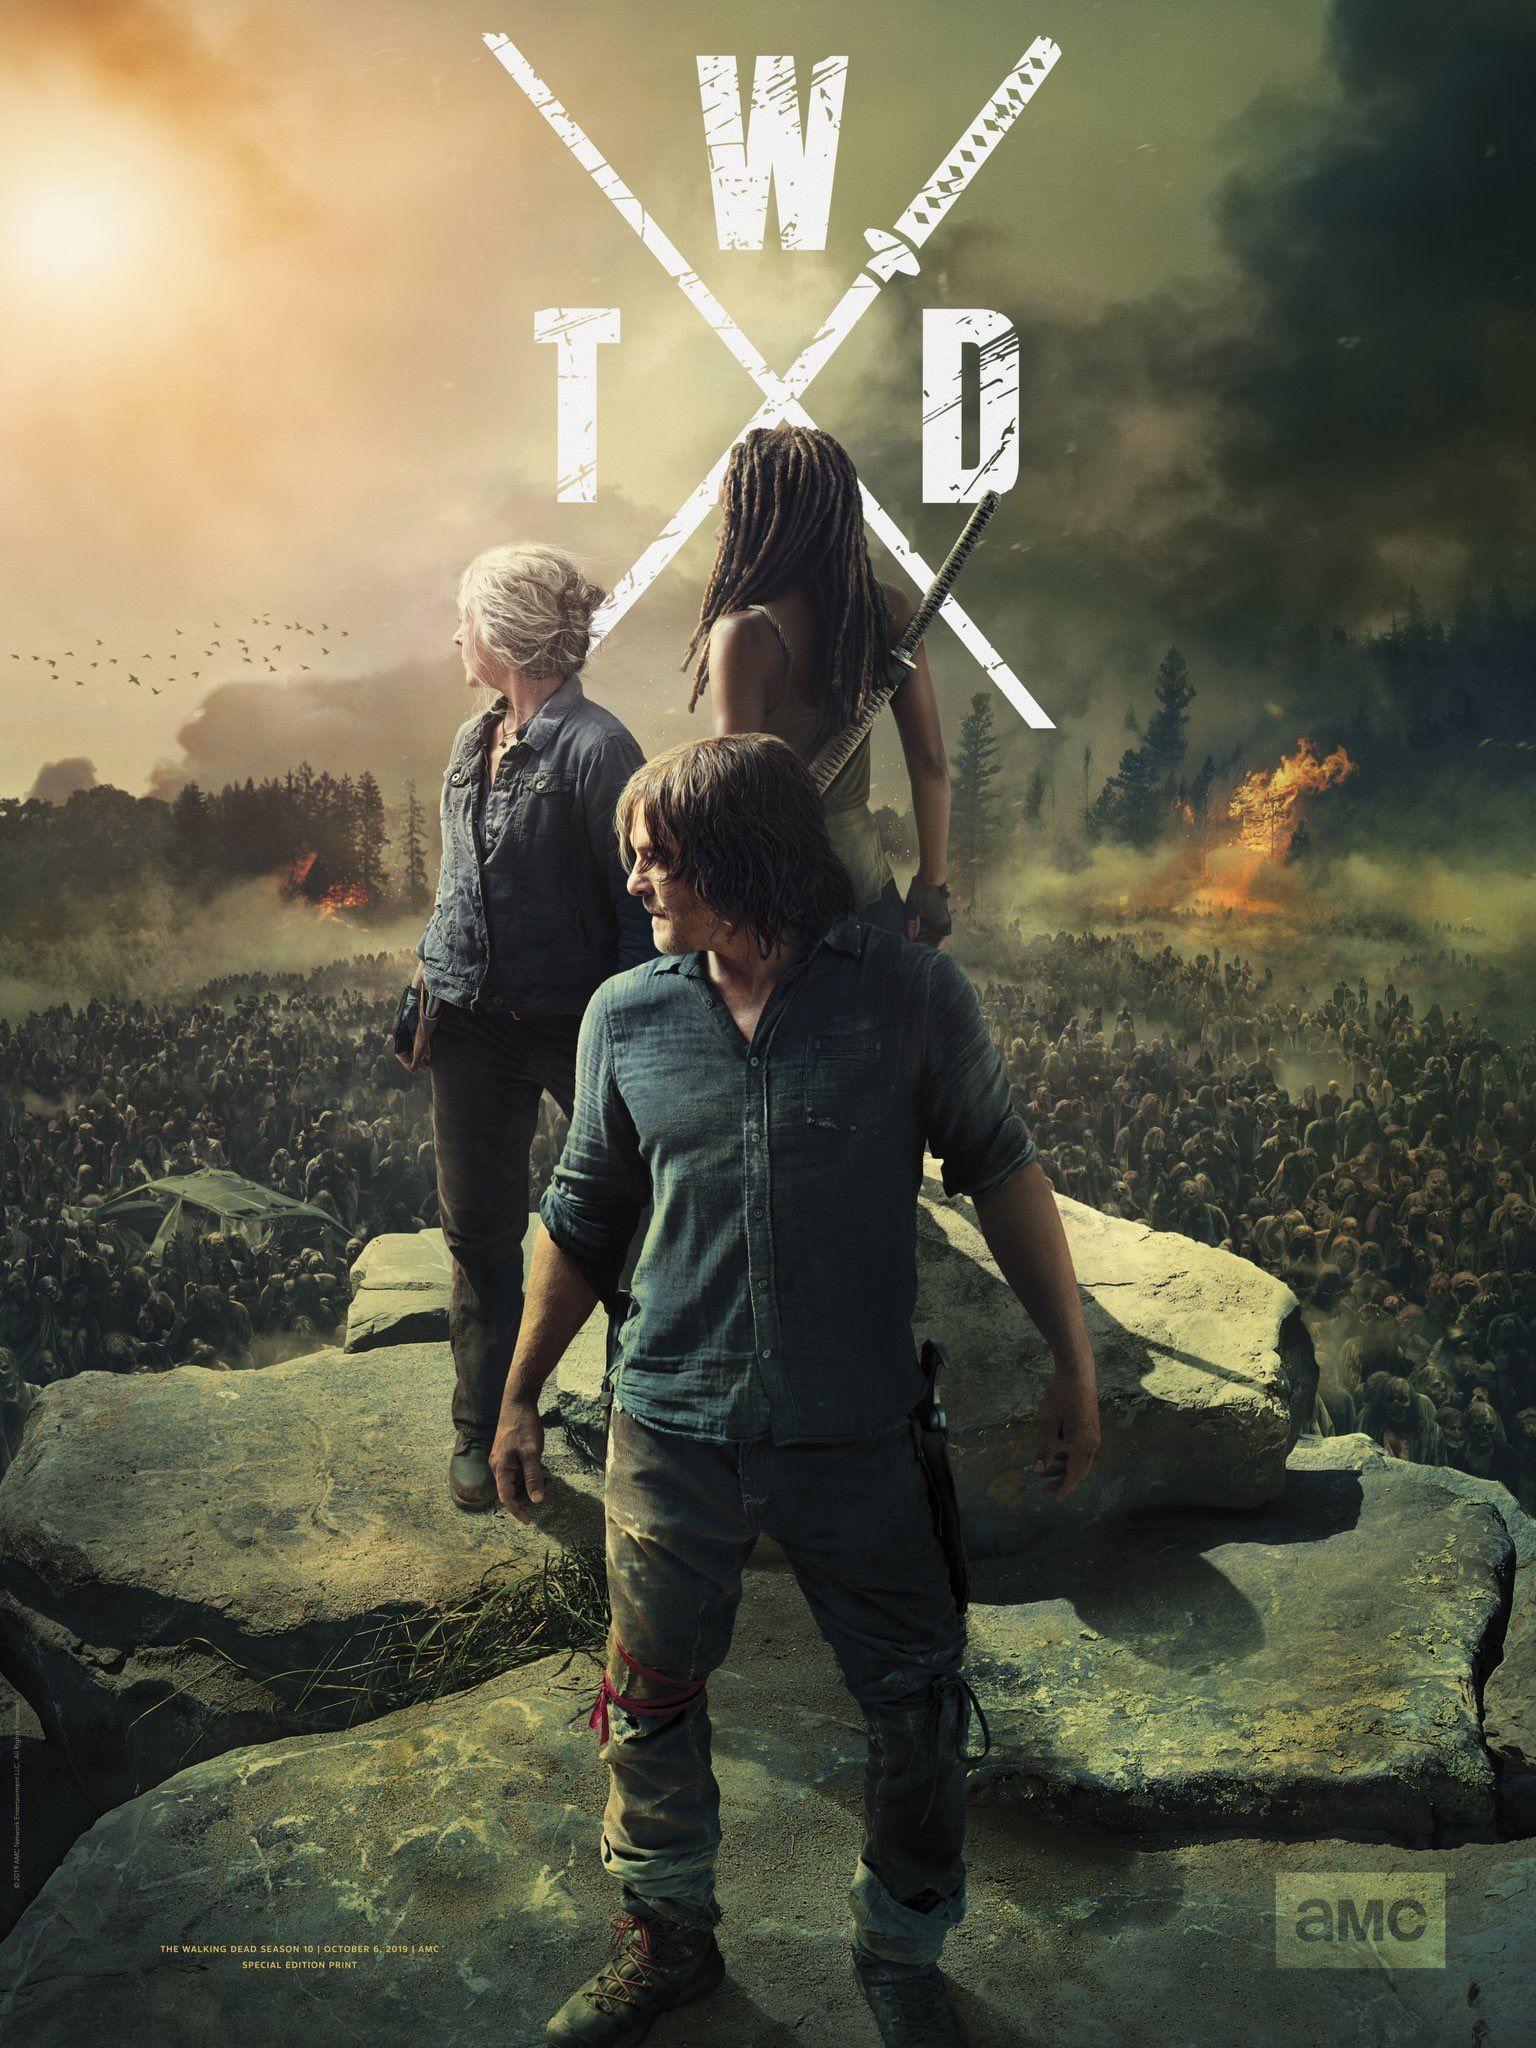 The Walking Dead Season 10 Poster The Walking Dead Poster Walking Dead Wallpaper The Walking Dead Merchandise